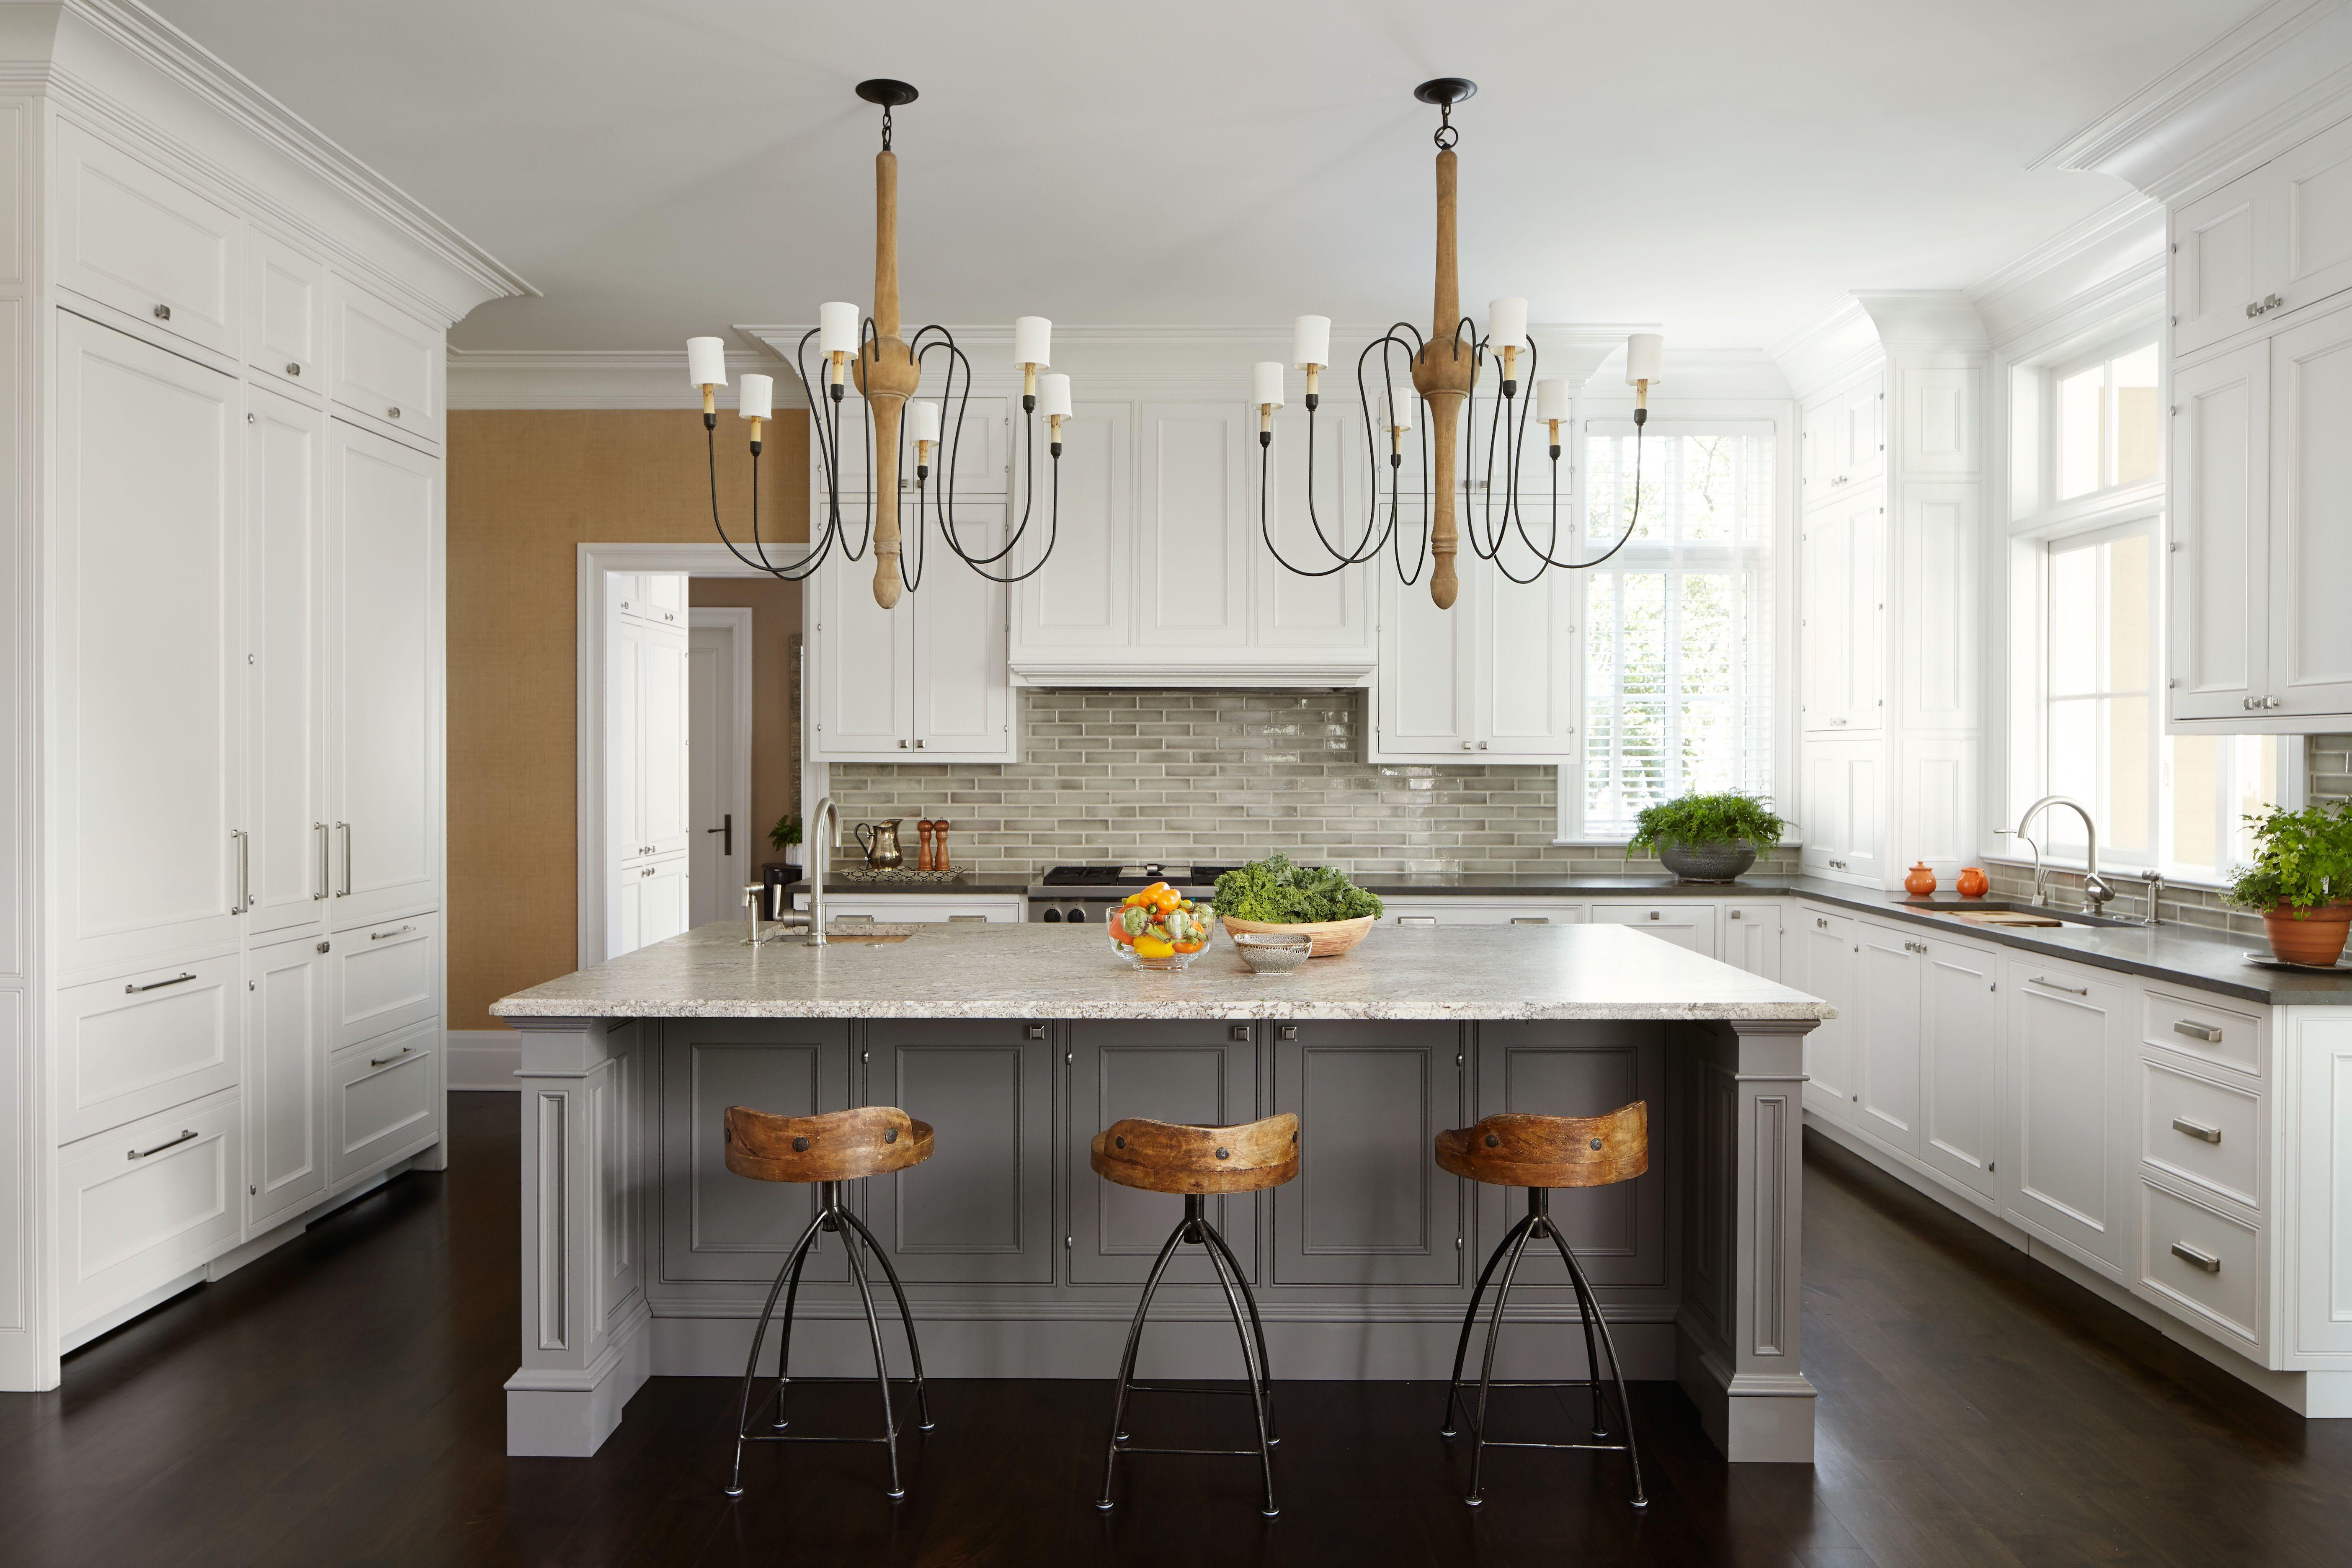 Best 35 Bright California Style Kitchens Kitchen Design 400 x 300